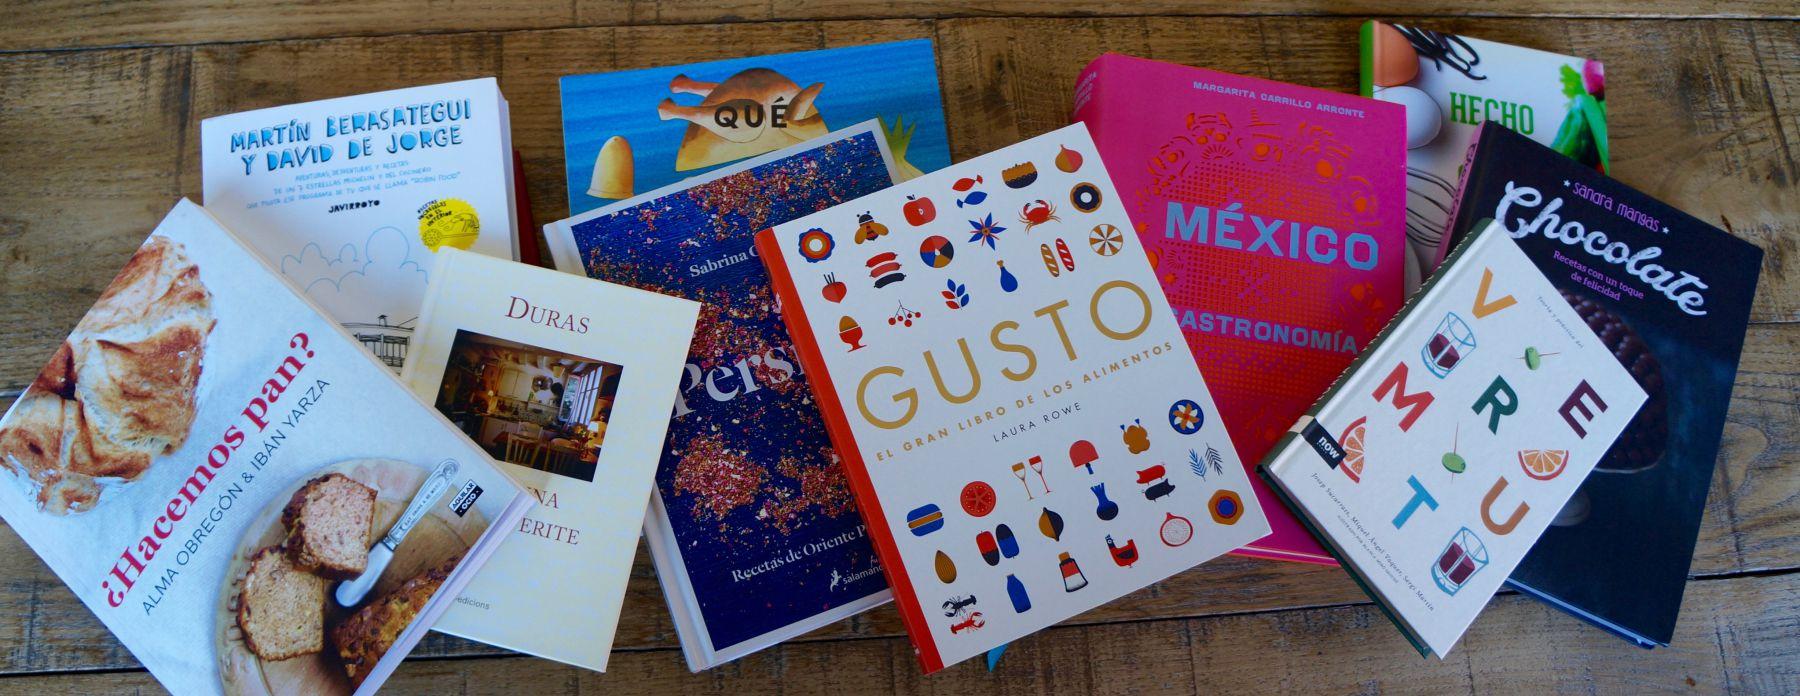 Libros De Cocina Recomendados | Libros De Cocina Que Vale La Pena Regalar El Comidista El Pais